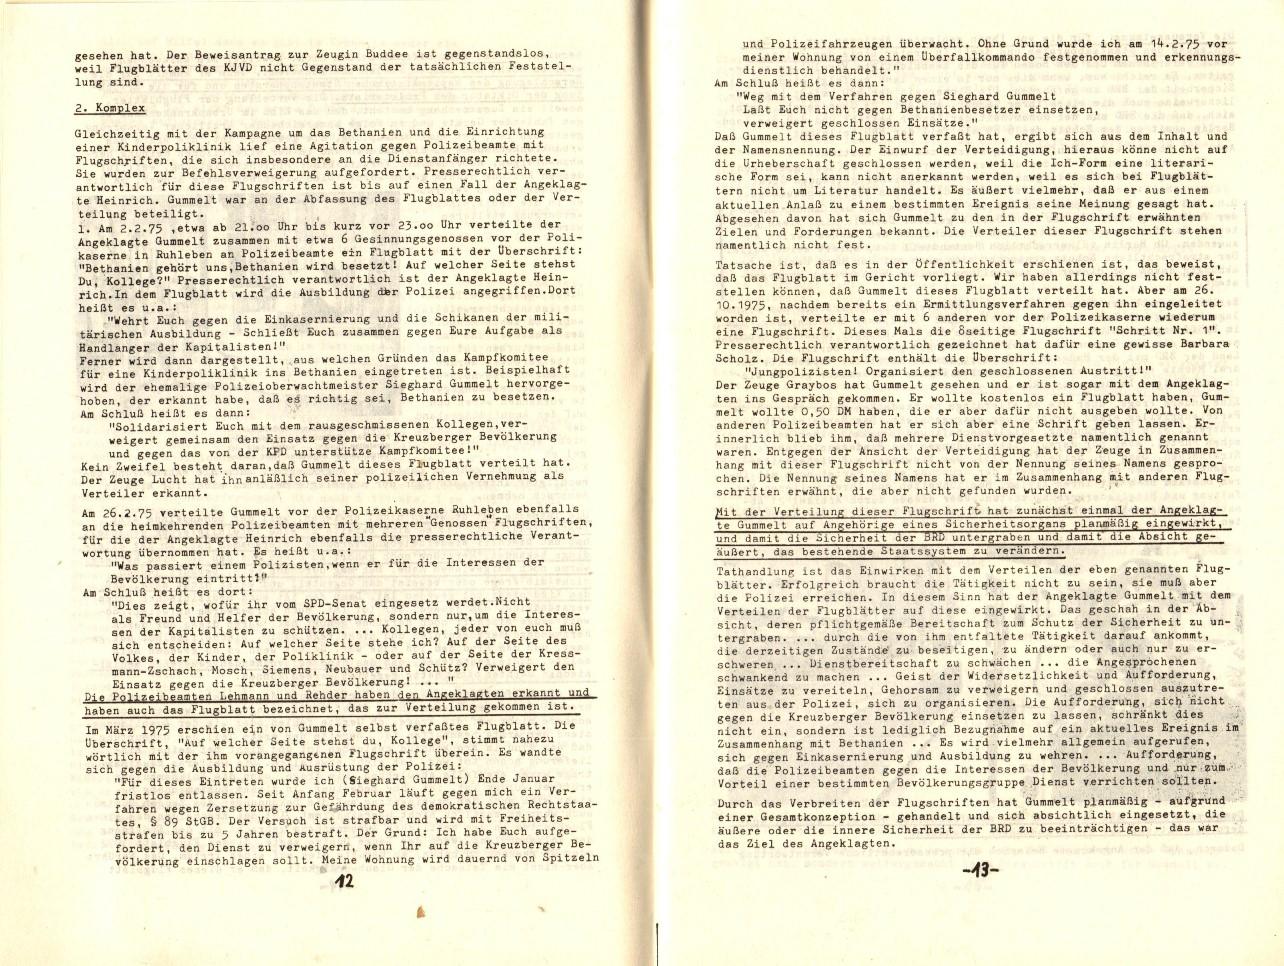 Berlin_KPD_1976_Staatsschutzprozess02_08